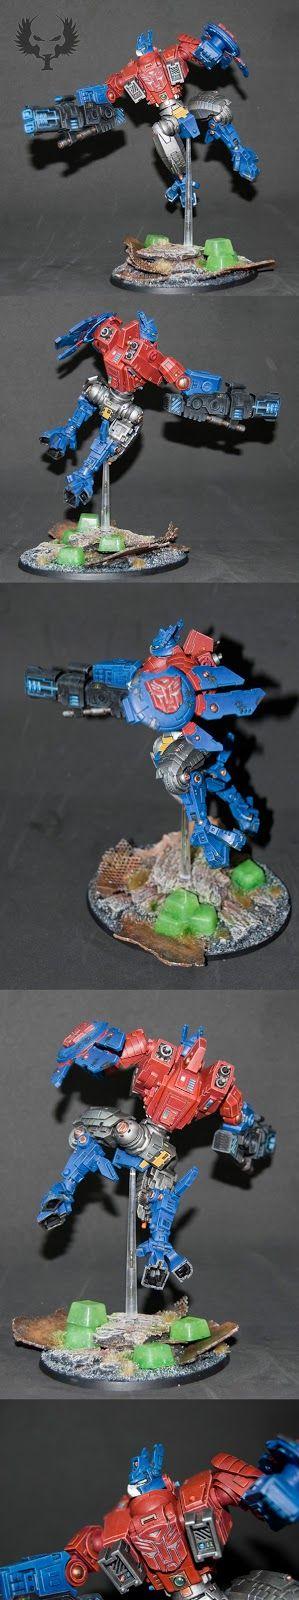 Armadura XV88 Apocalipsis optimus prime imperio tau warhammer 40000